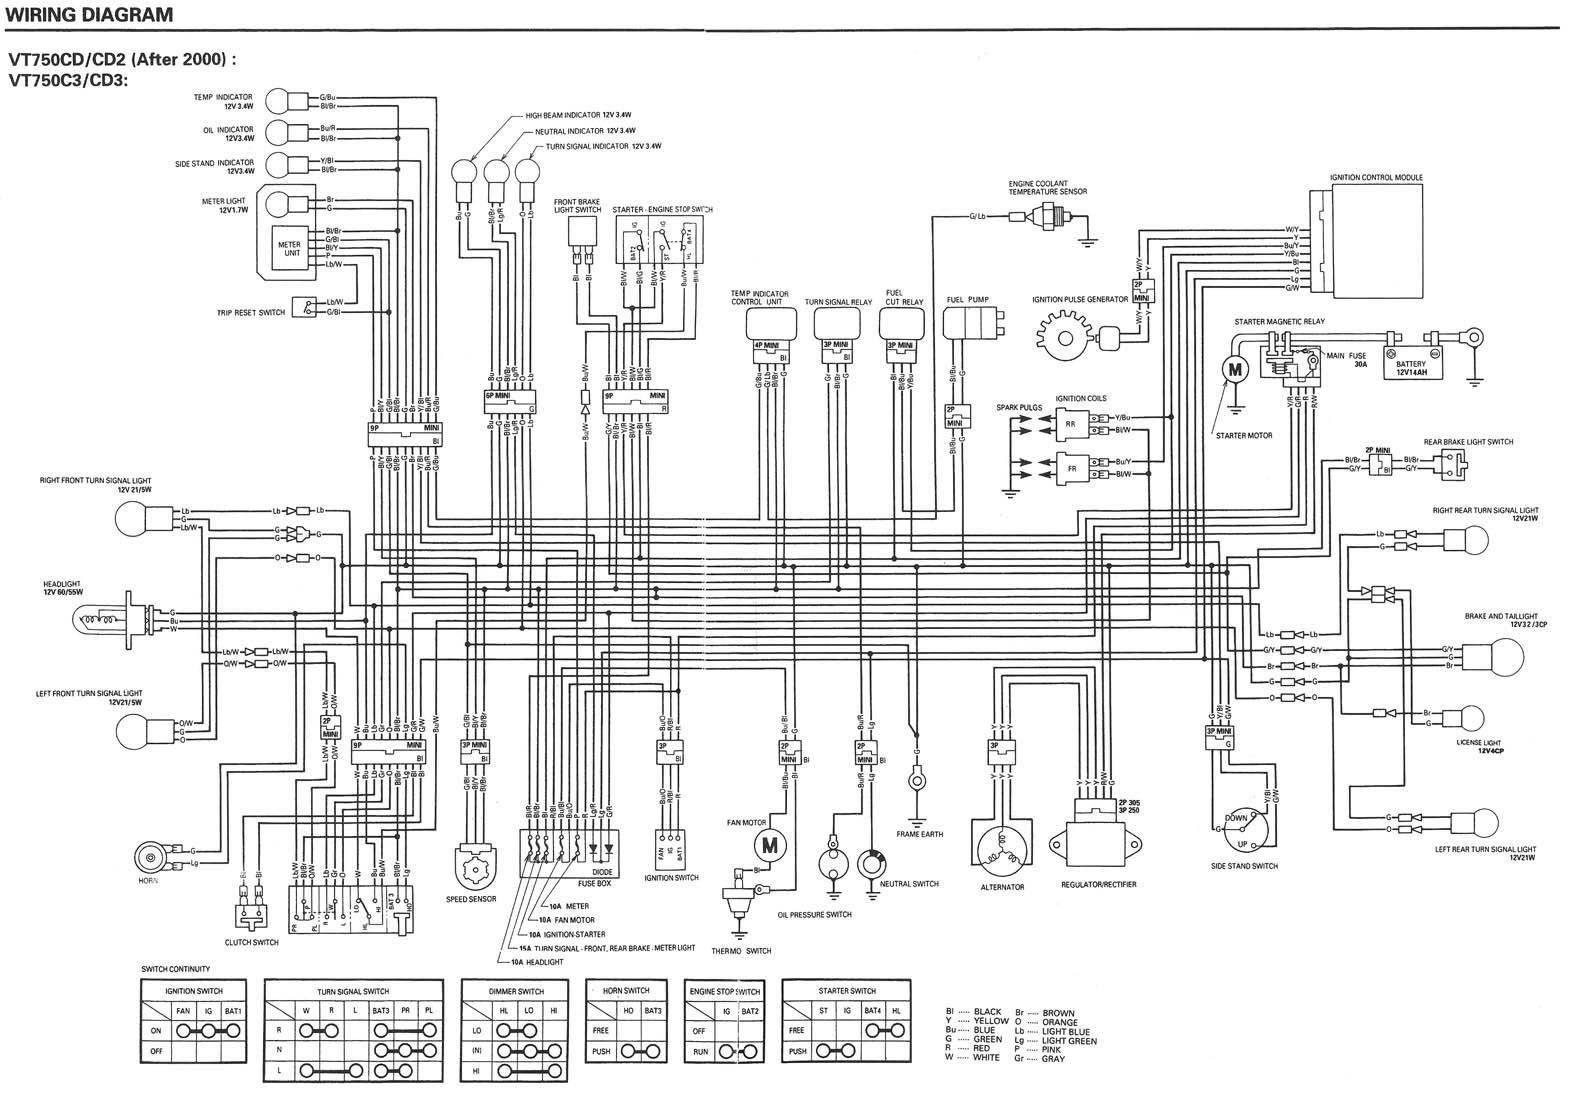 2005 suzuki gsxr 600 wiring diagram dn 1515  1994 suzuki gsxr 750 wiring diagram wiring diagram  1994 suzuki gsxr 750 wiring diagram